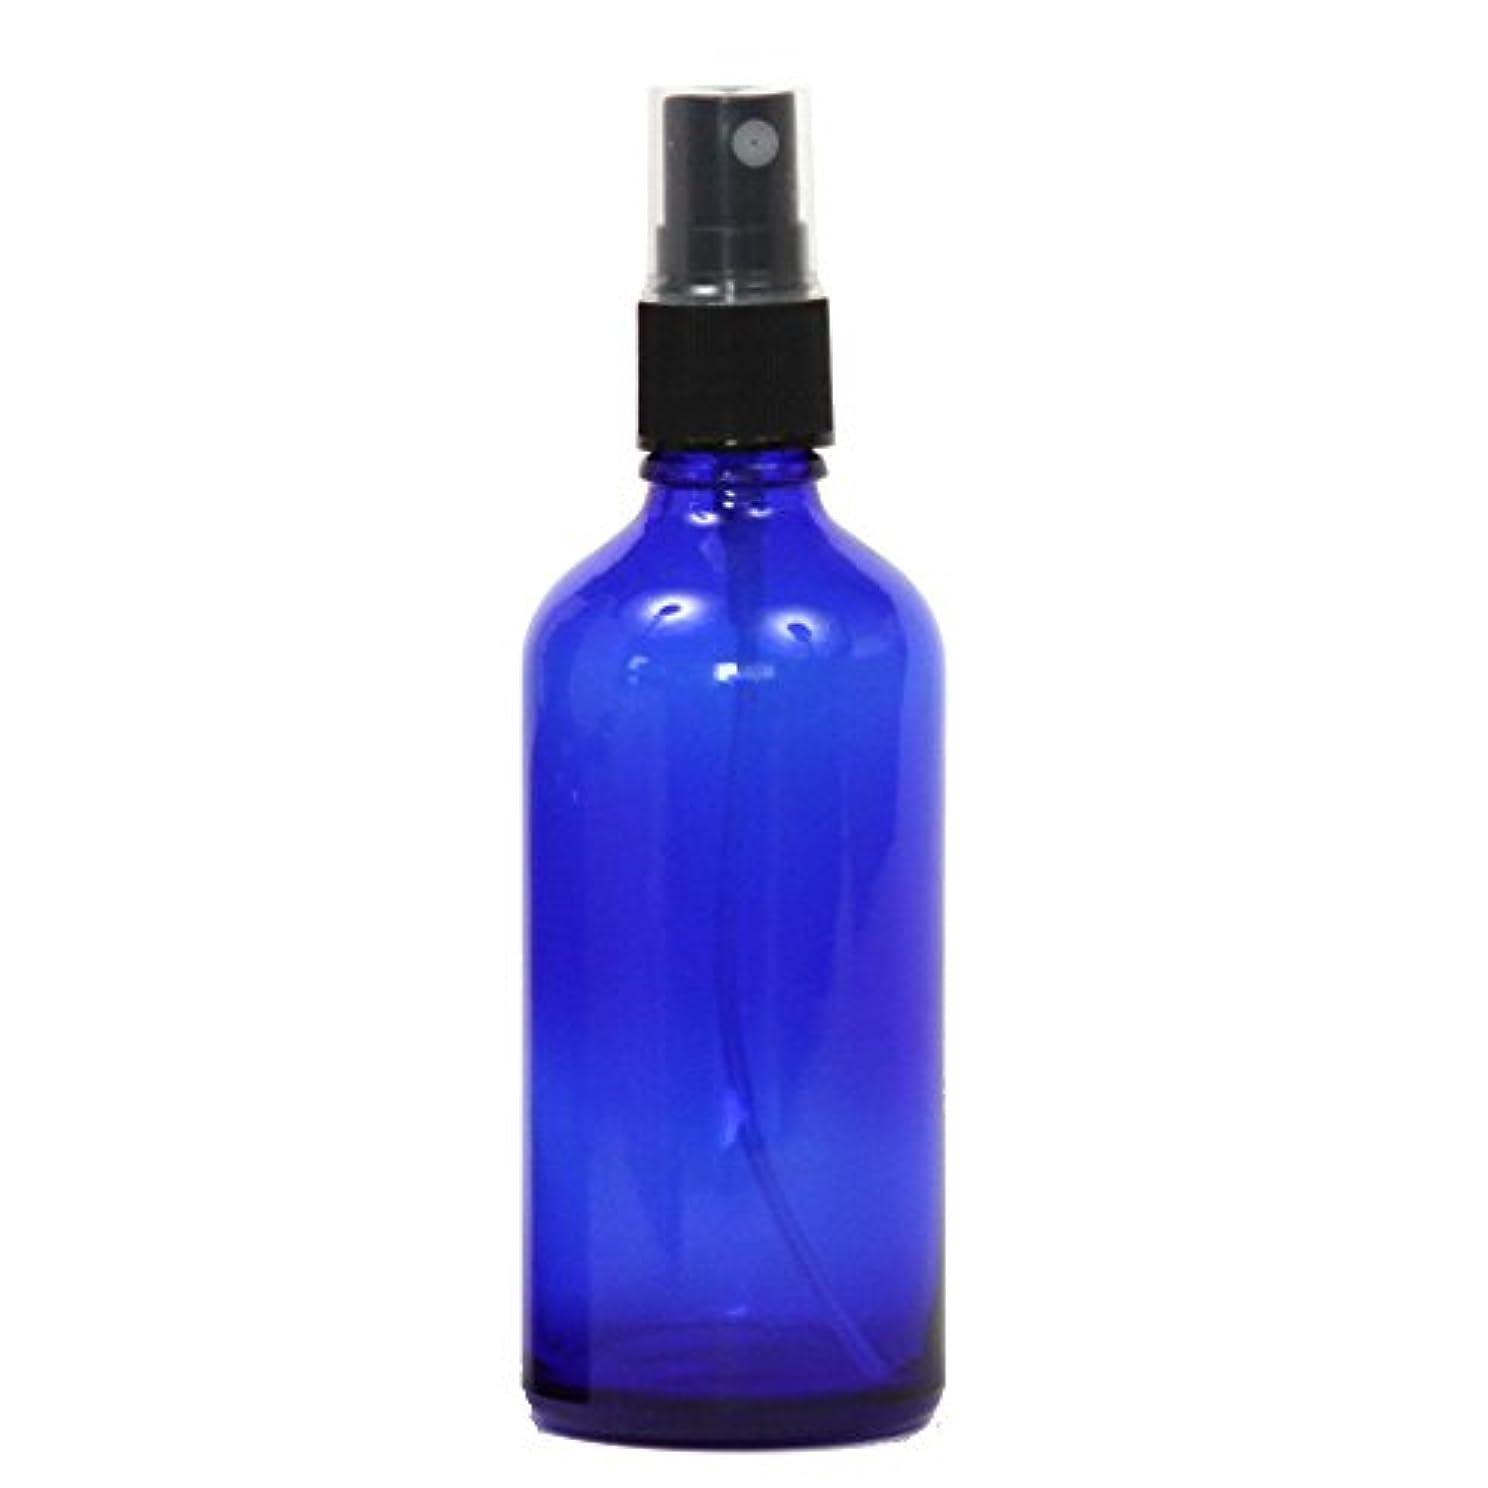 フィード症状はいスプレーボトル ガラス瓶 100mL 【コバルト 青色】 遮光性 ブルーガラスアトマイザー 空容器bu100g